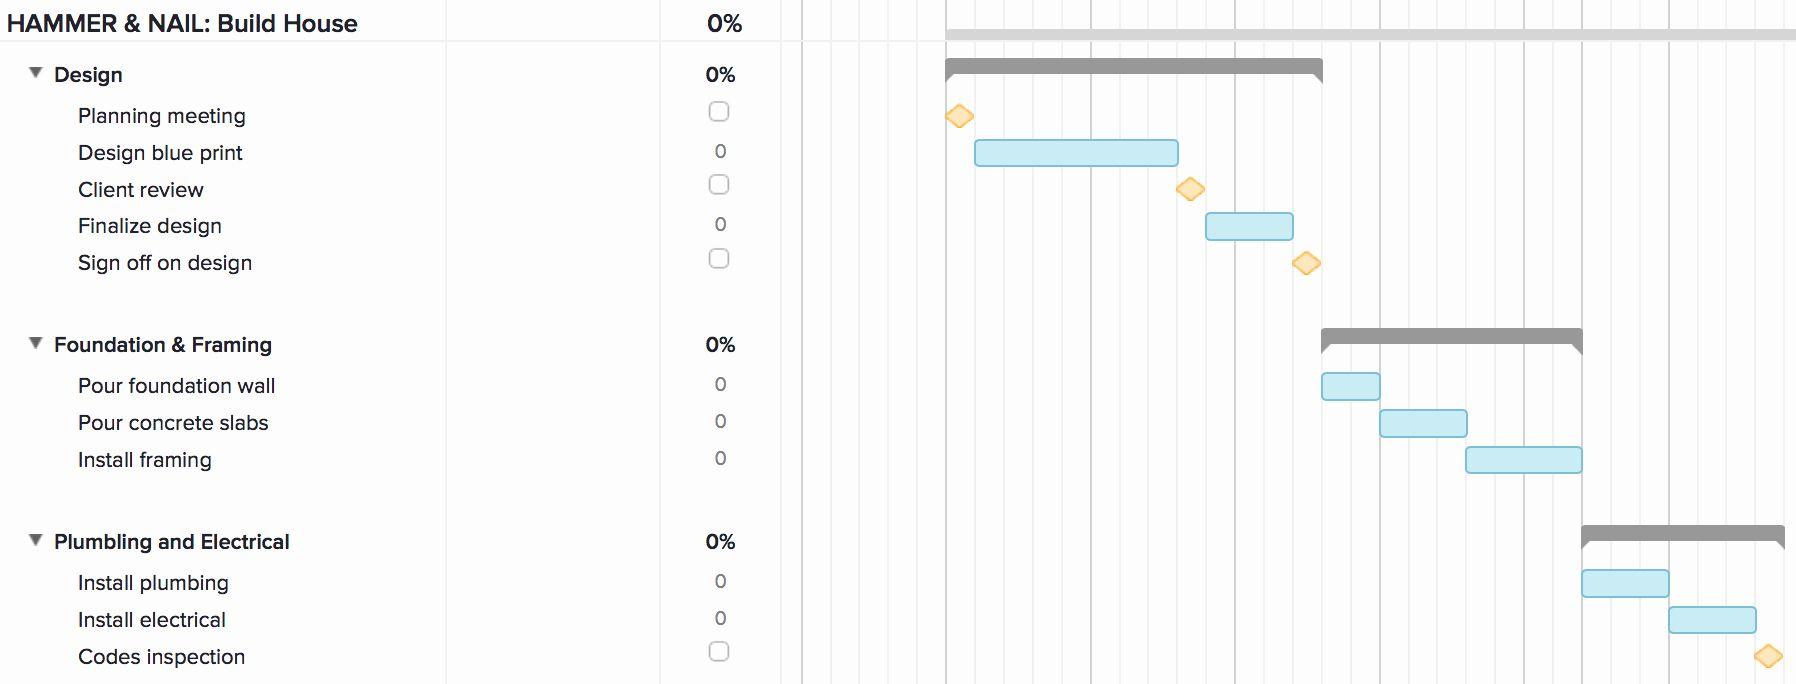 Gantt Chart Template Word 2016 In 2020 Gantt Chart Templates